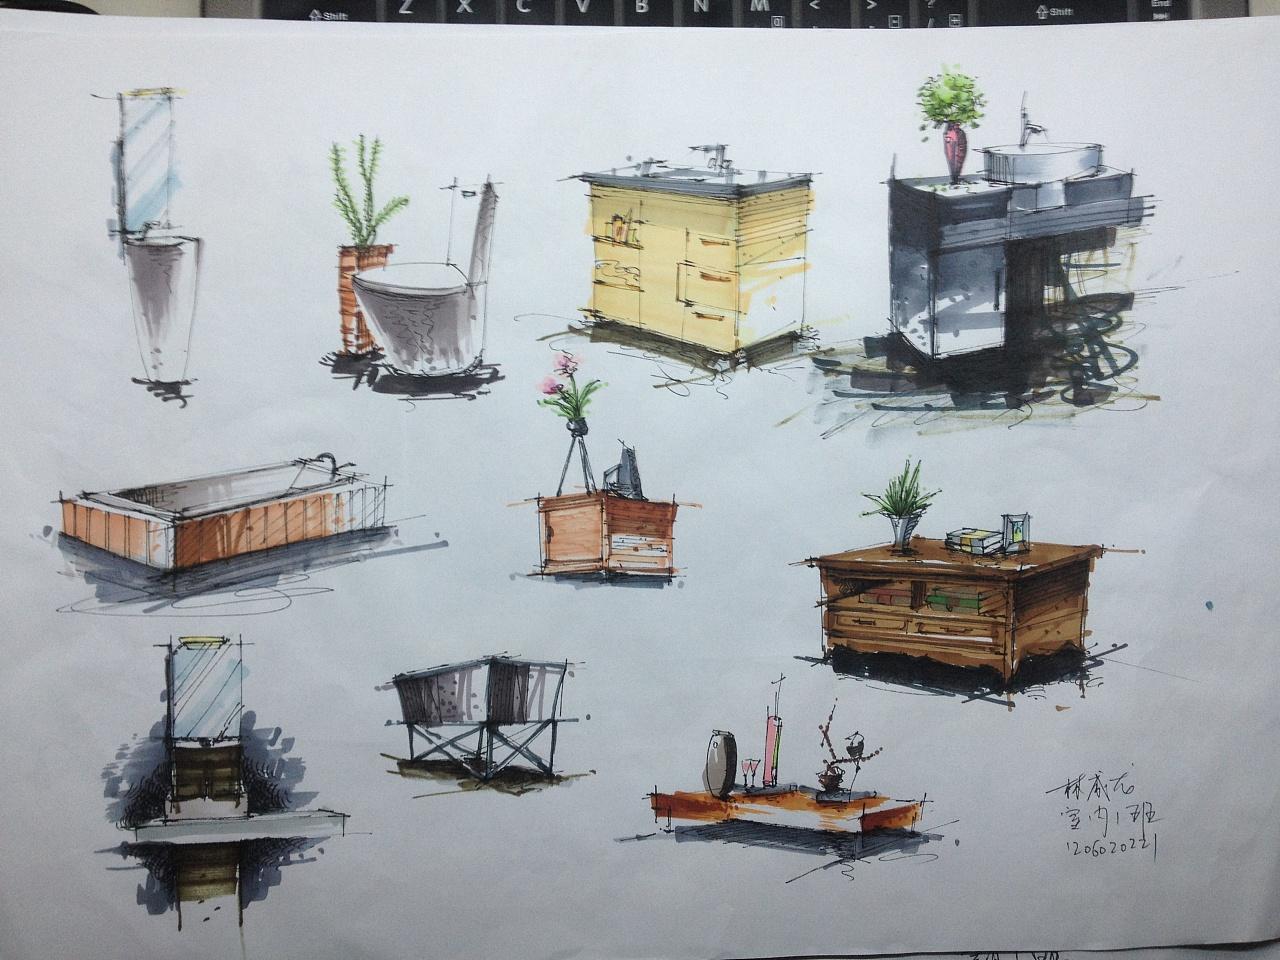 室内手绘作业|空间|室内设计|创艺者21 - 原创作品